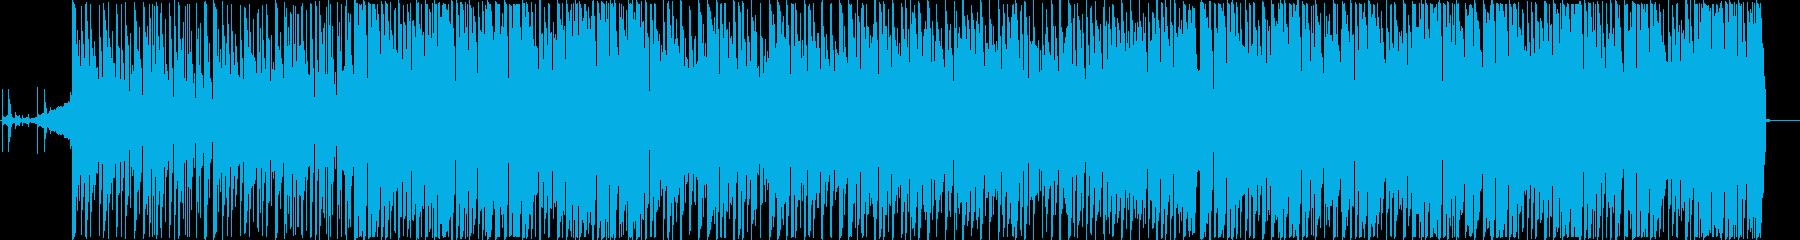 4つ打ち HAPPYなボーイズK-POPの再生済みの波形